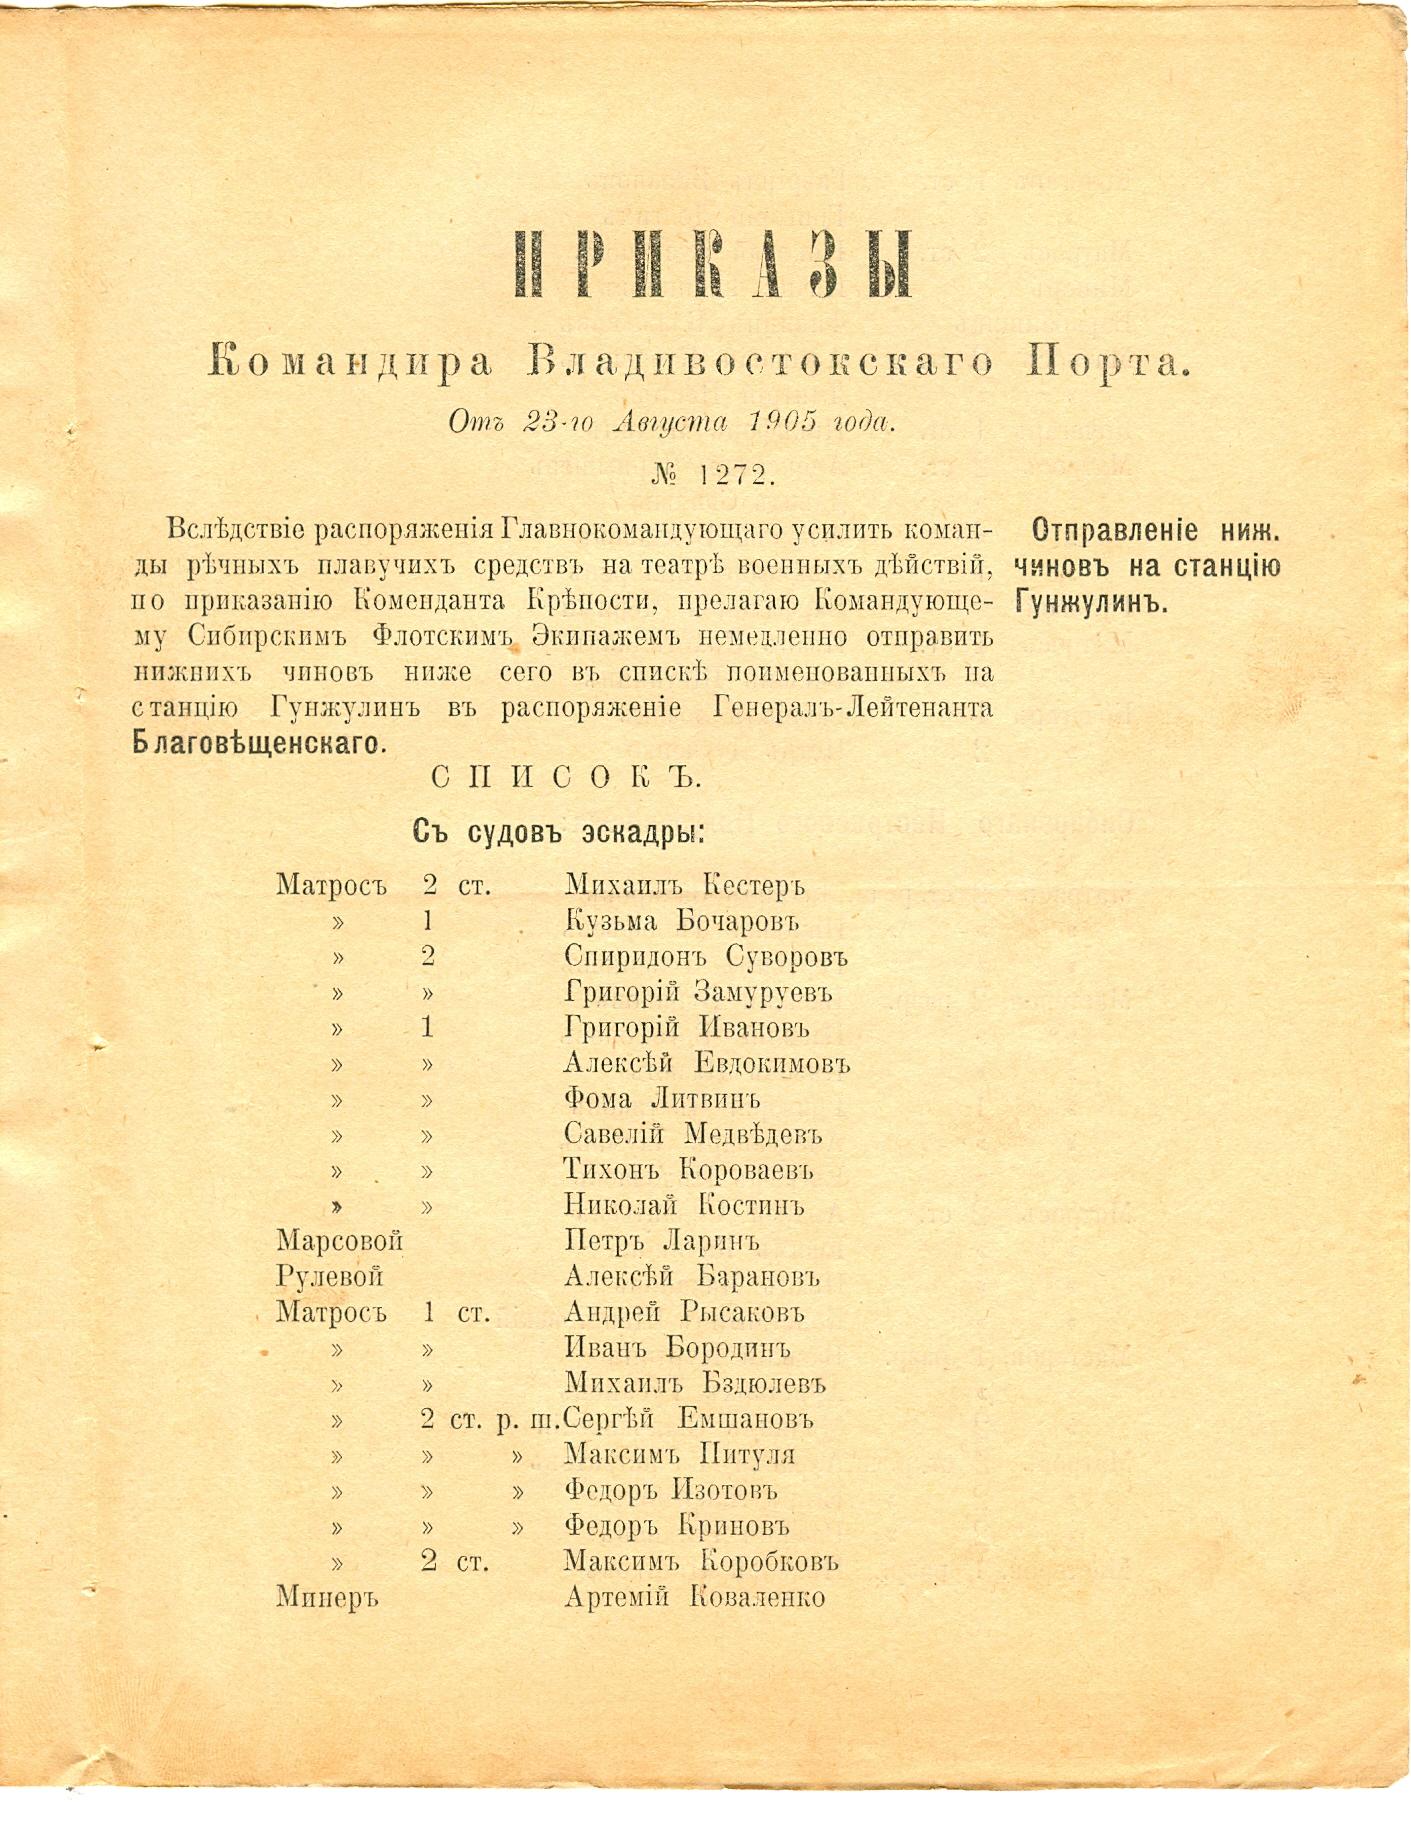 Приказы Командира Владивостокского<br>Порта № 1272